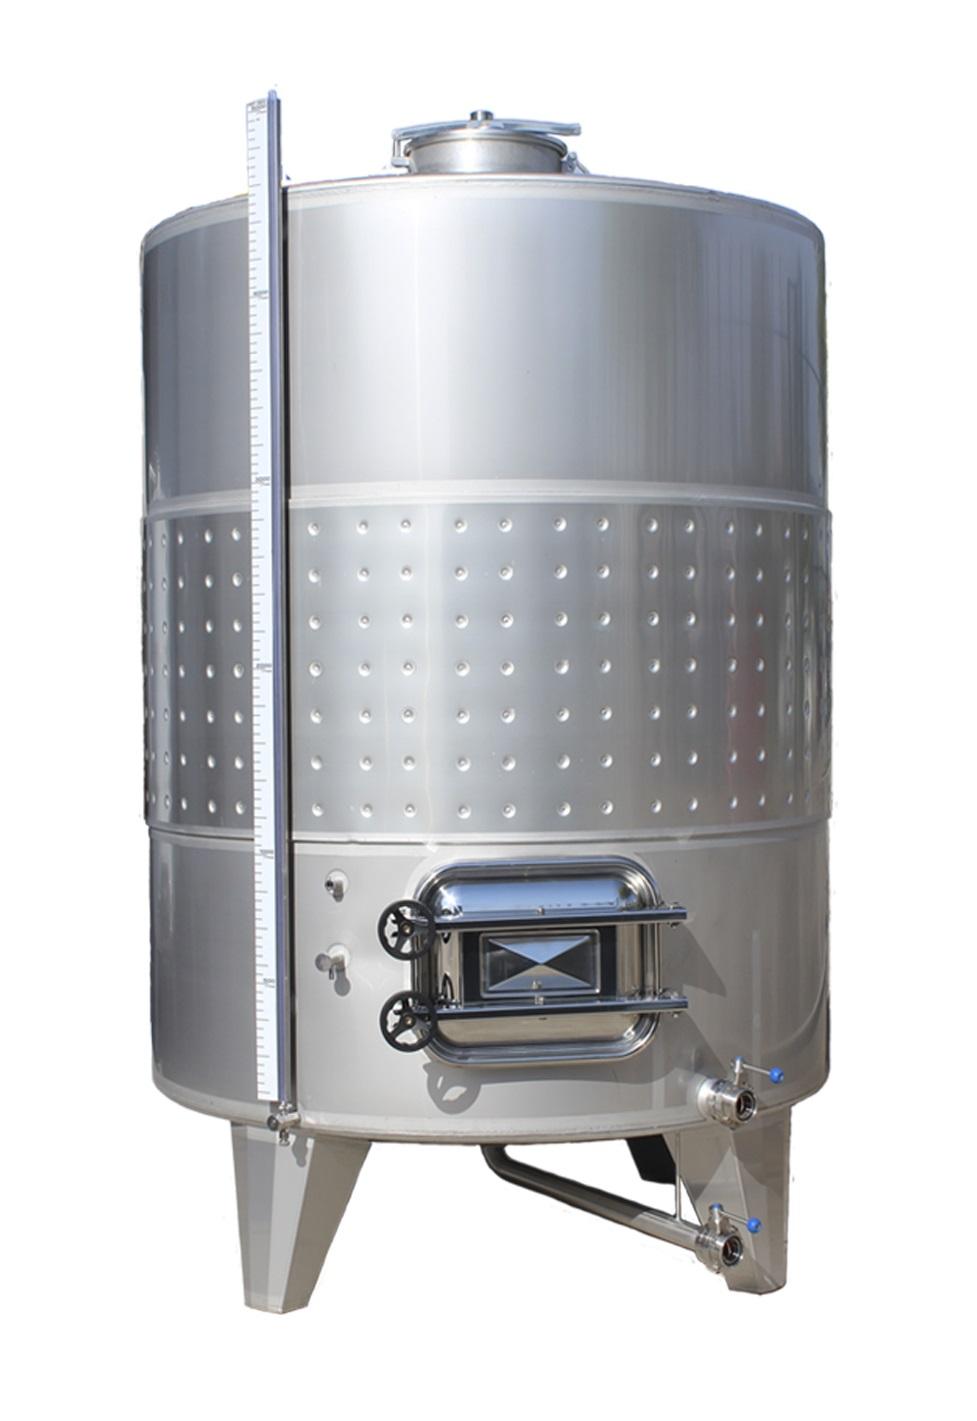 grandes-depositos-vinificacion-fermentacion-acero-inoxidable